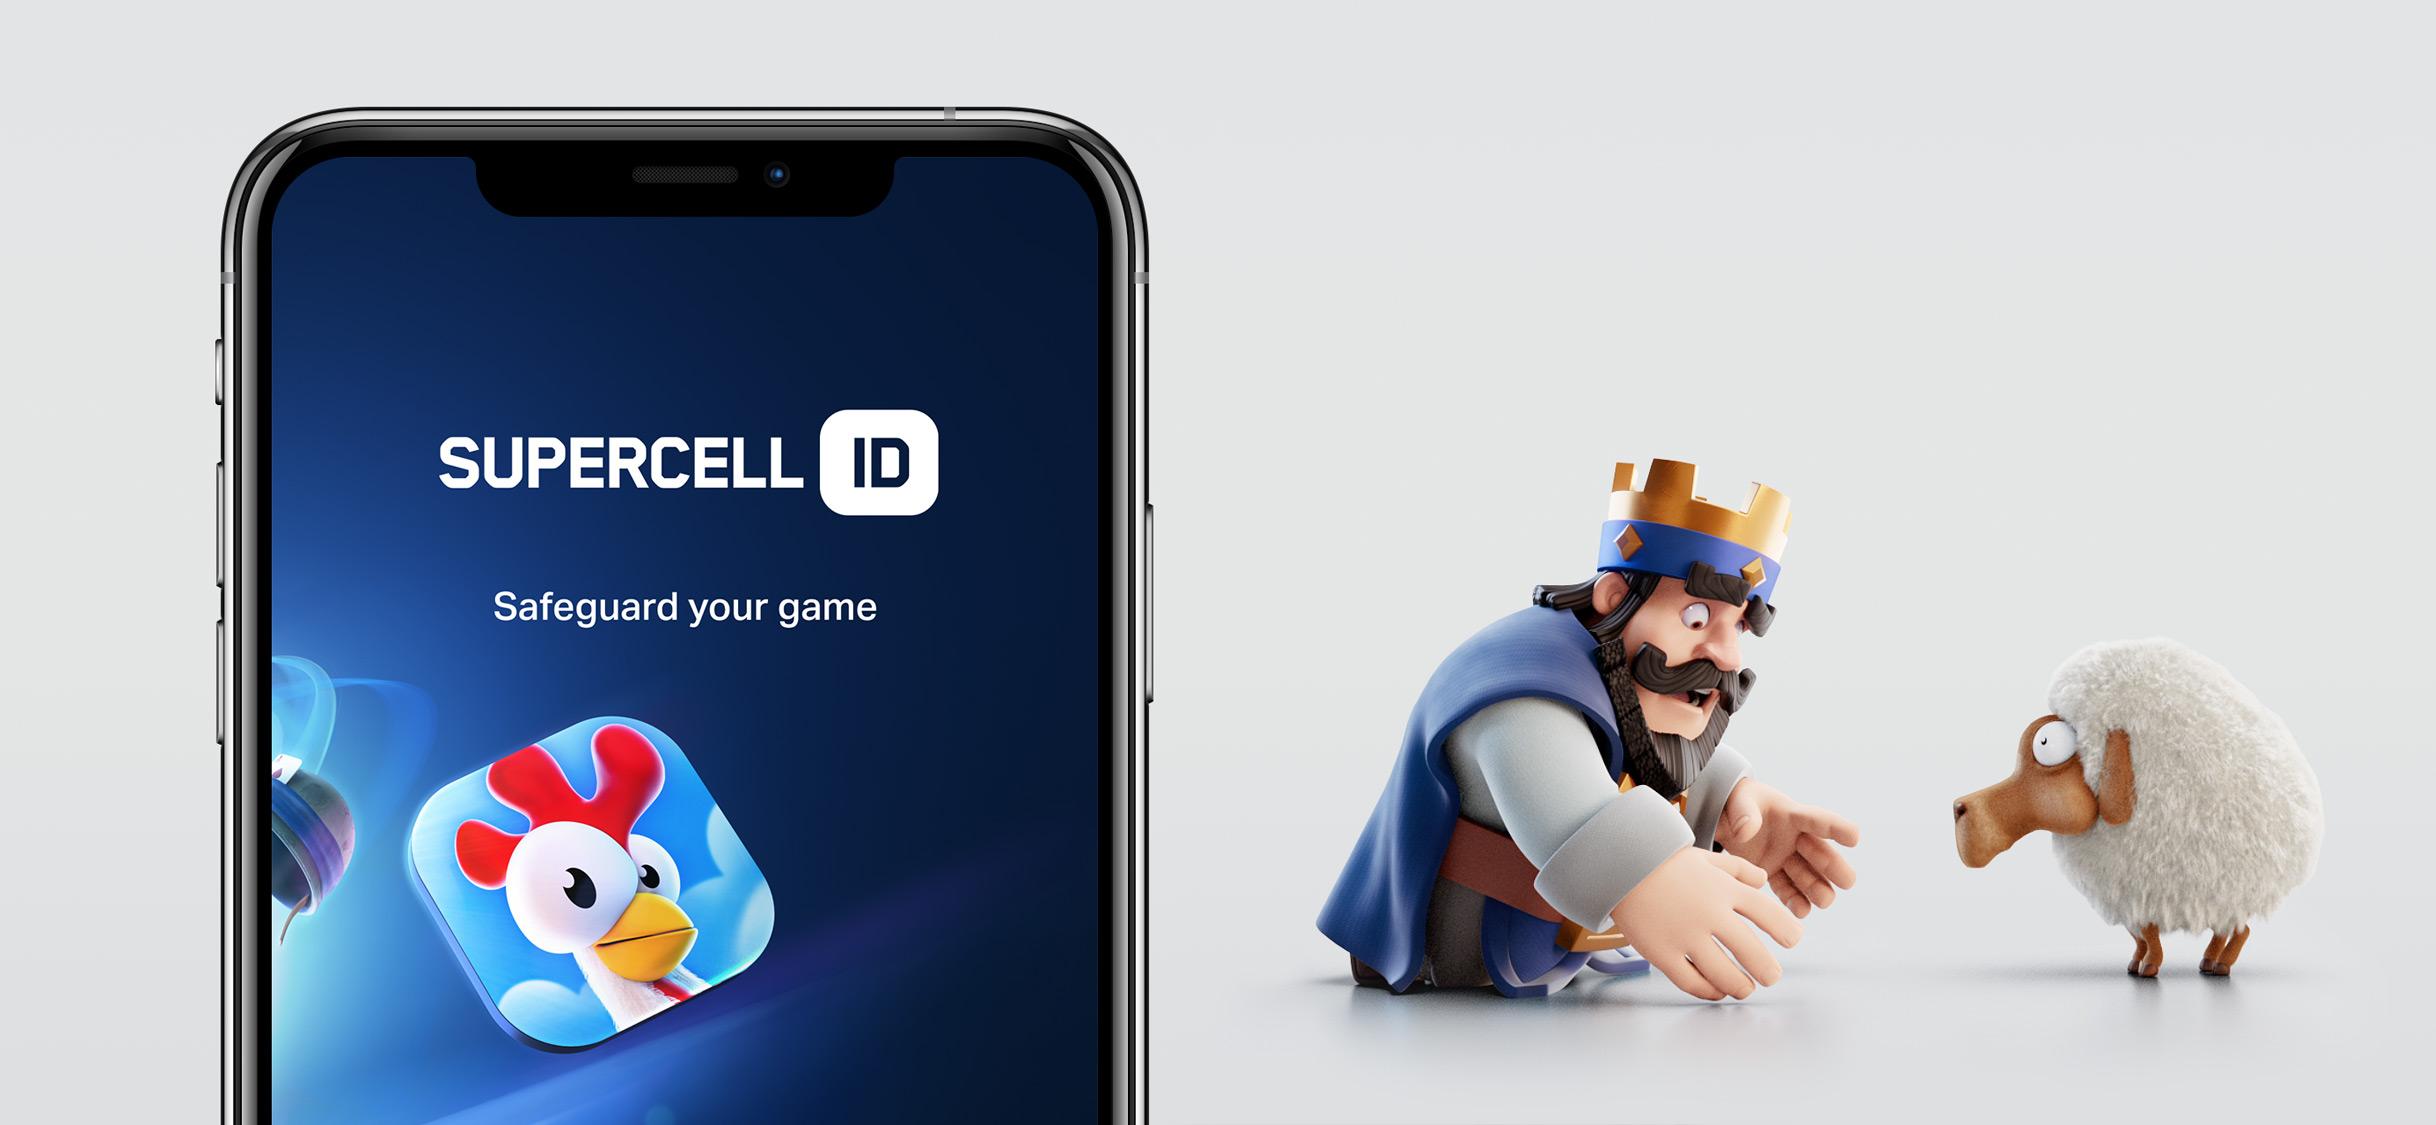 Các trò chơi của Supercell sẽ bị ngừng phát hành tại Việt Nam